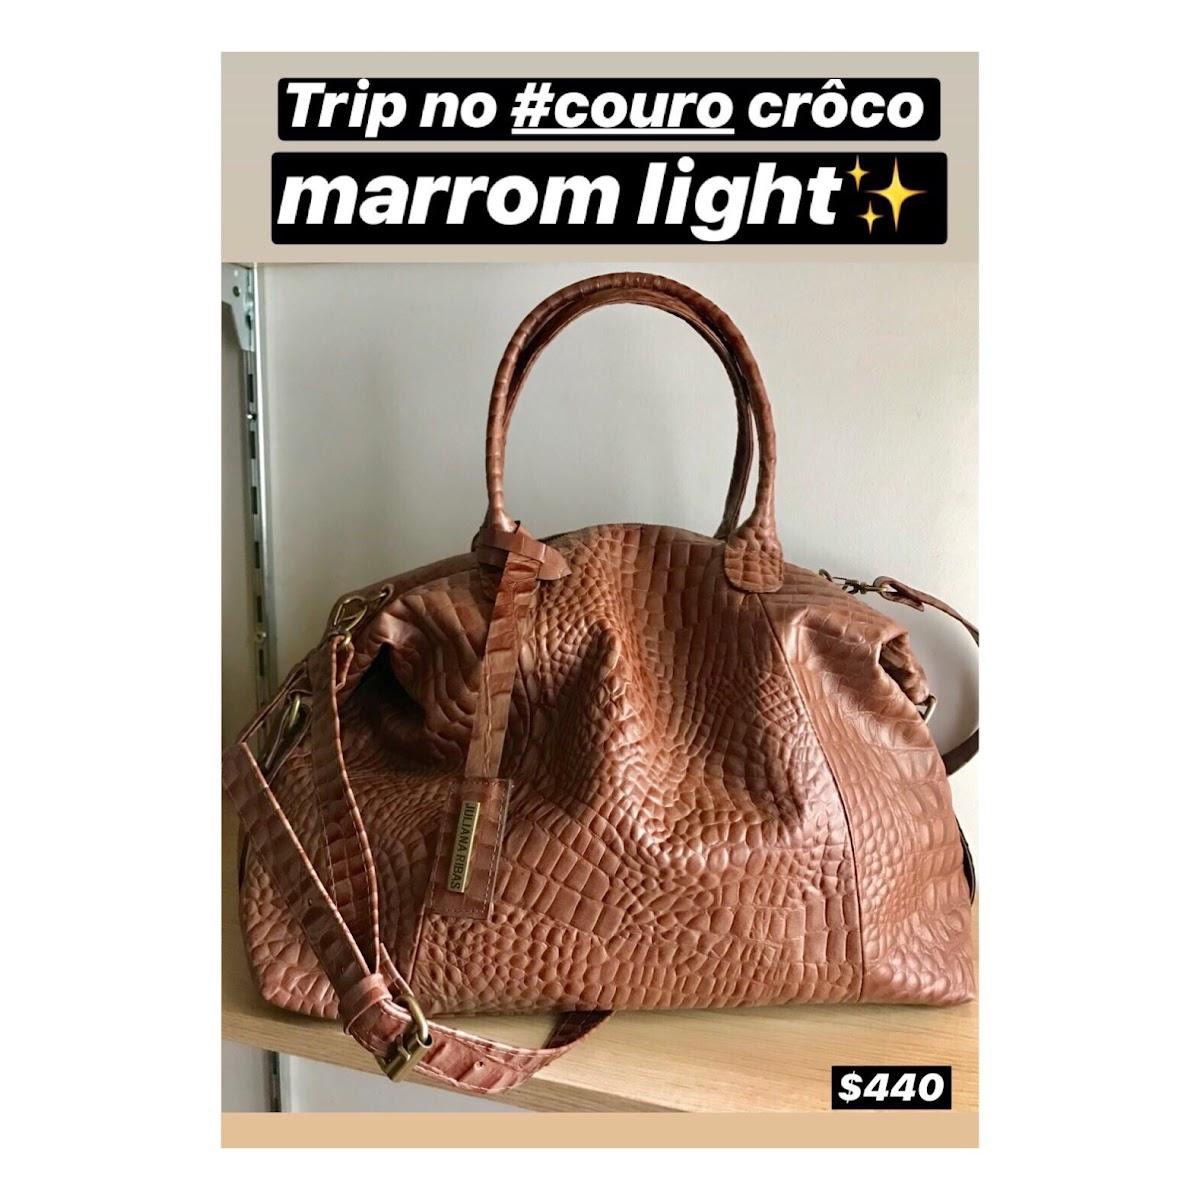 BOLSA TRIP NO COURO CRÔCO MARROM LIGHT